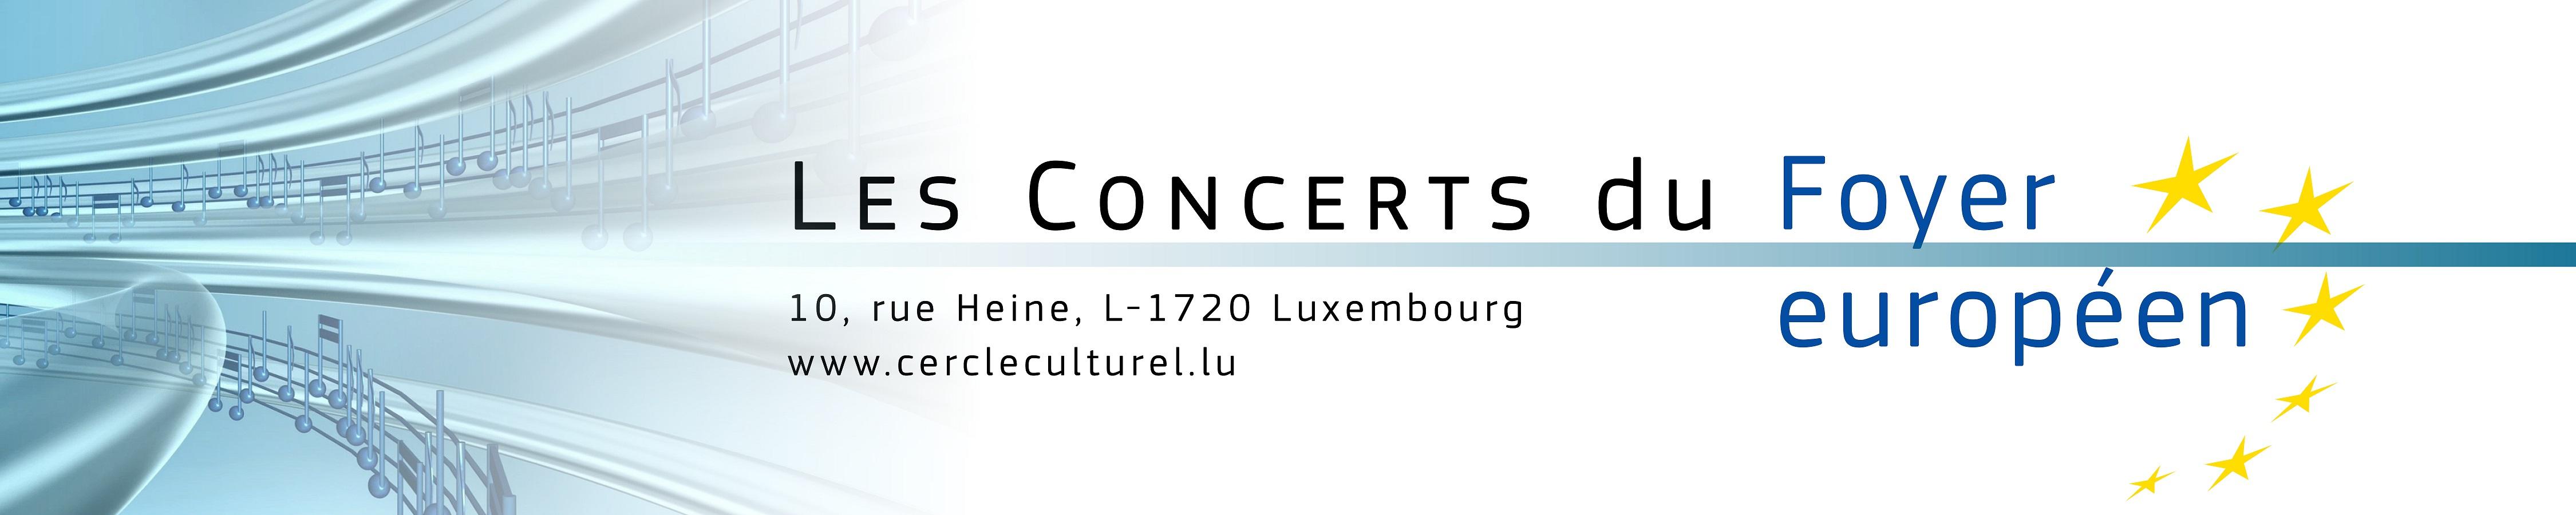 [Les Concerts du Foyer européen - Club culturel du Cercle culturel des Institutions européennes à Luxembourg - Foyer européen]